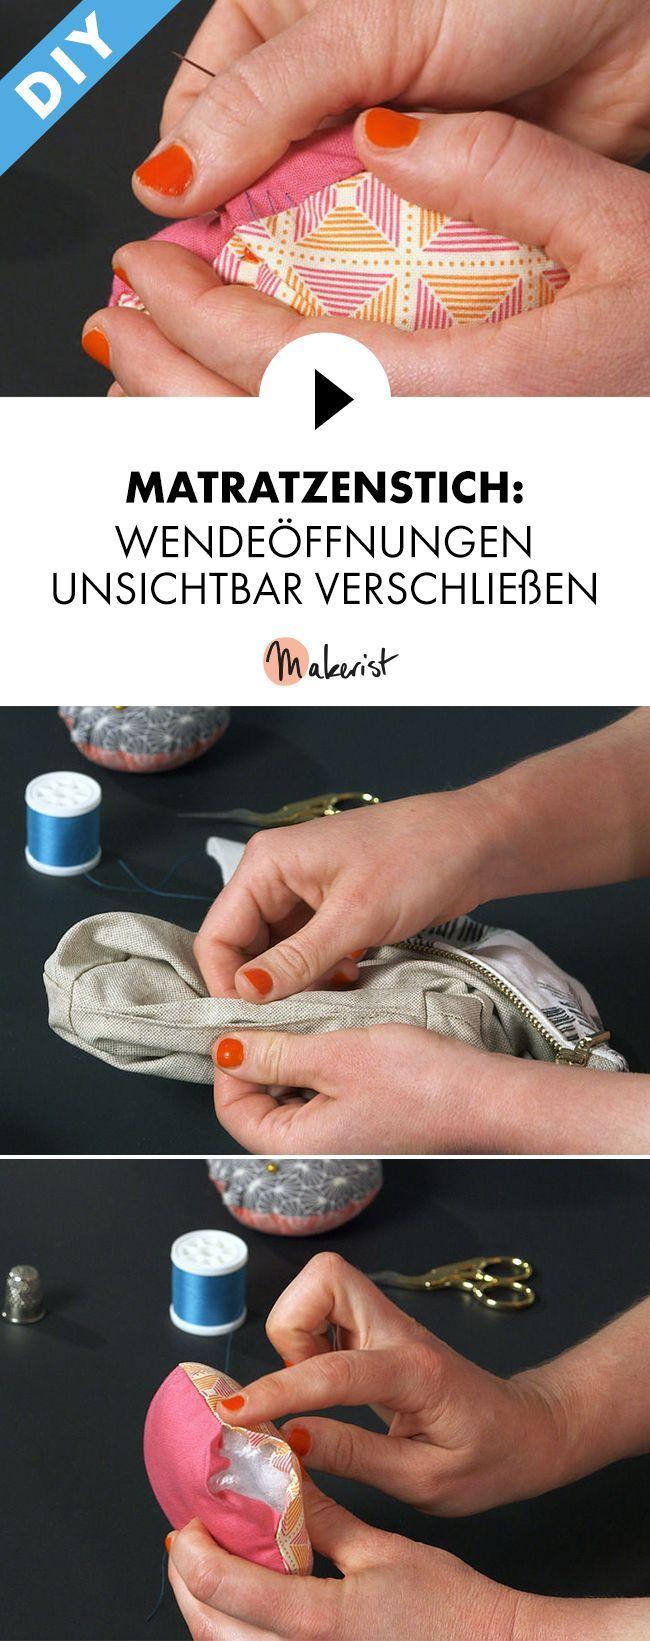 Matratzenstich nähen lernen - Schritt für Schritt erklärt im Video-Kurs via Makerist.de